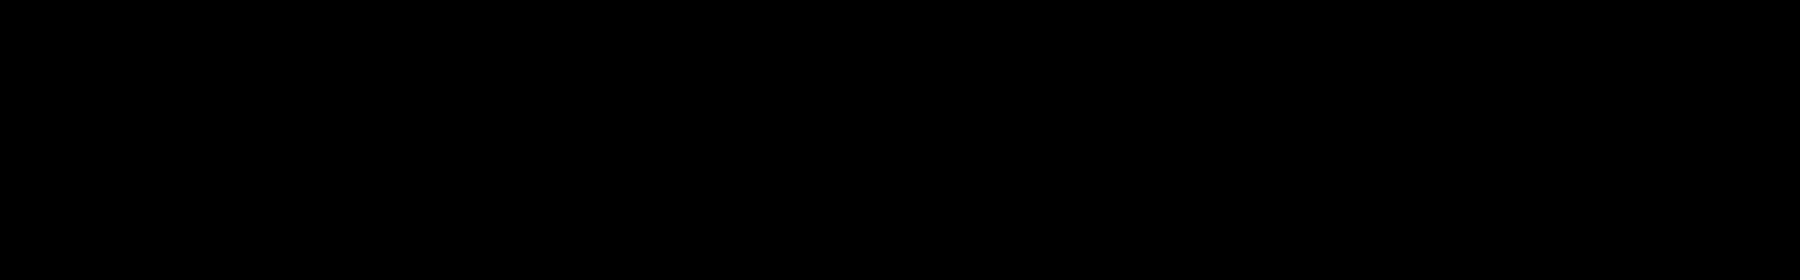 Versace - Omnisphere Bank audio waveform